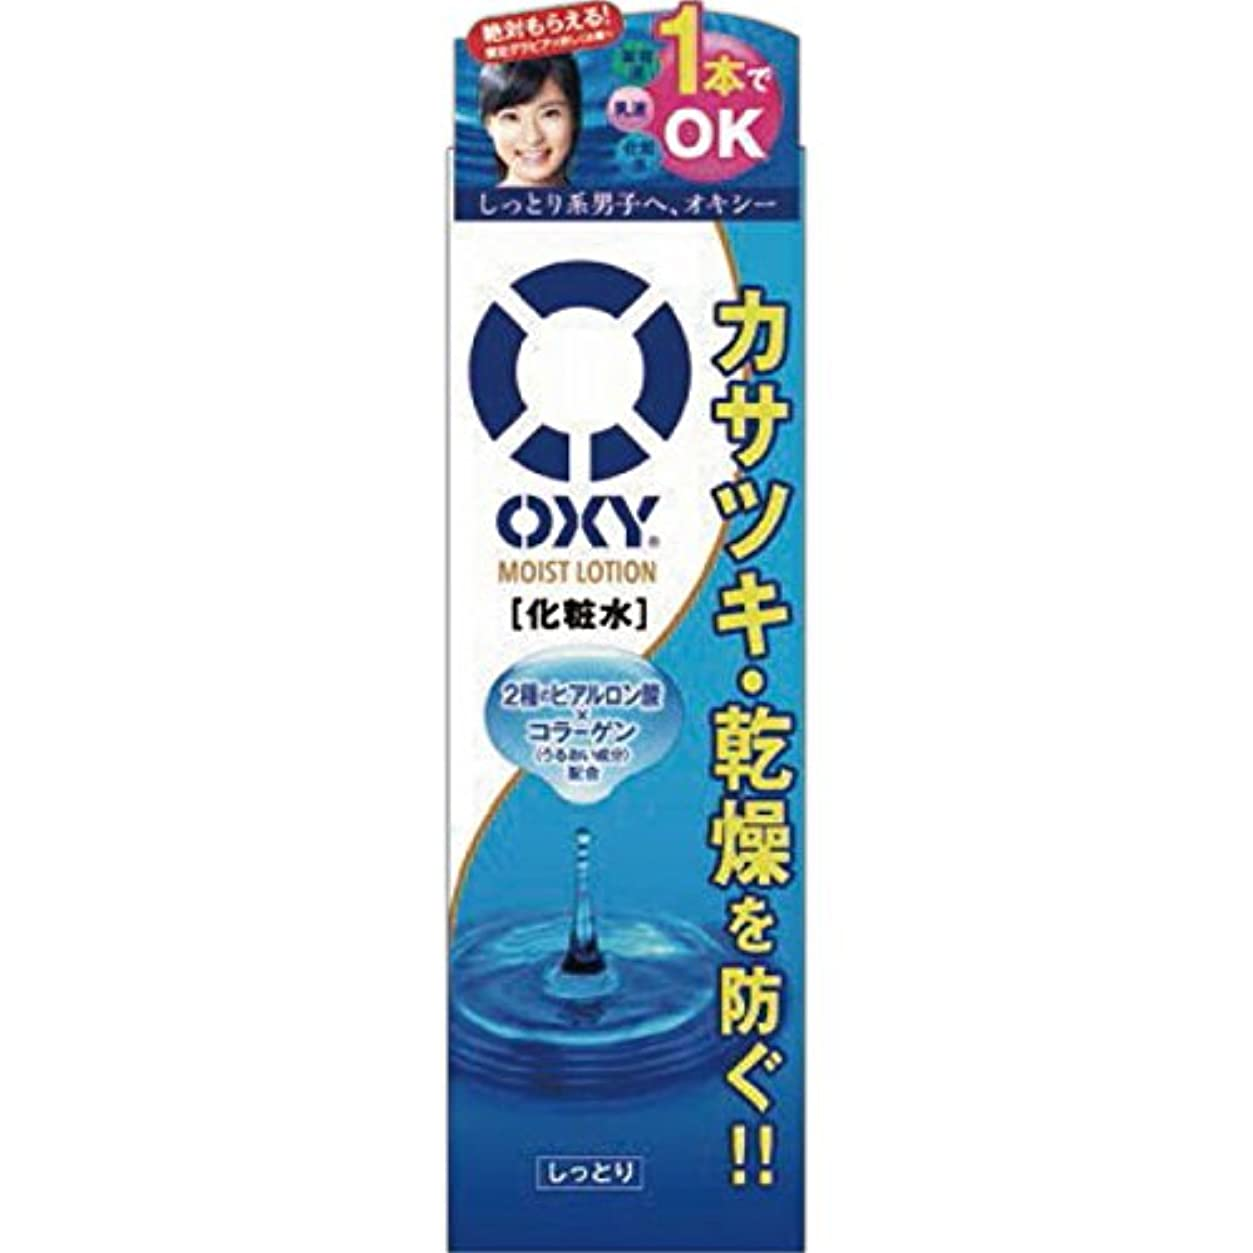 虐殺経歴失敗オキシー (Oxy) モイストローション オールインワン化粧水 2種のヒアルロン酸×コラーゲン配合 ゼラニウムの香 170mL